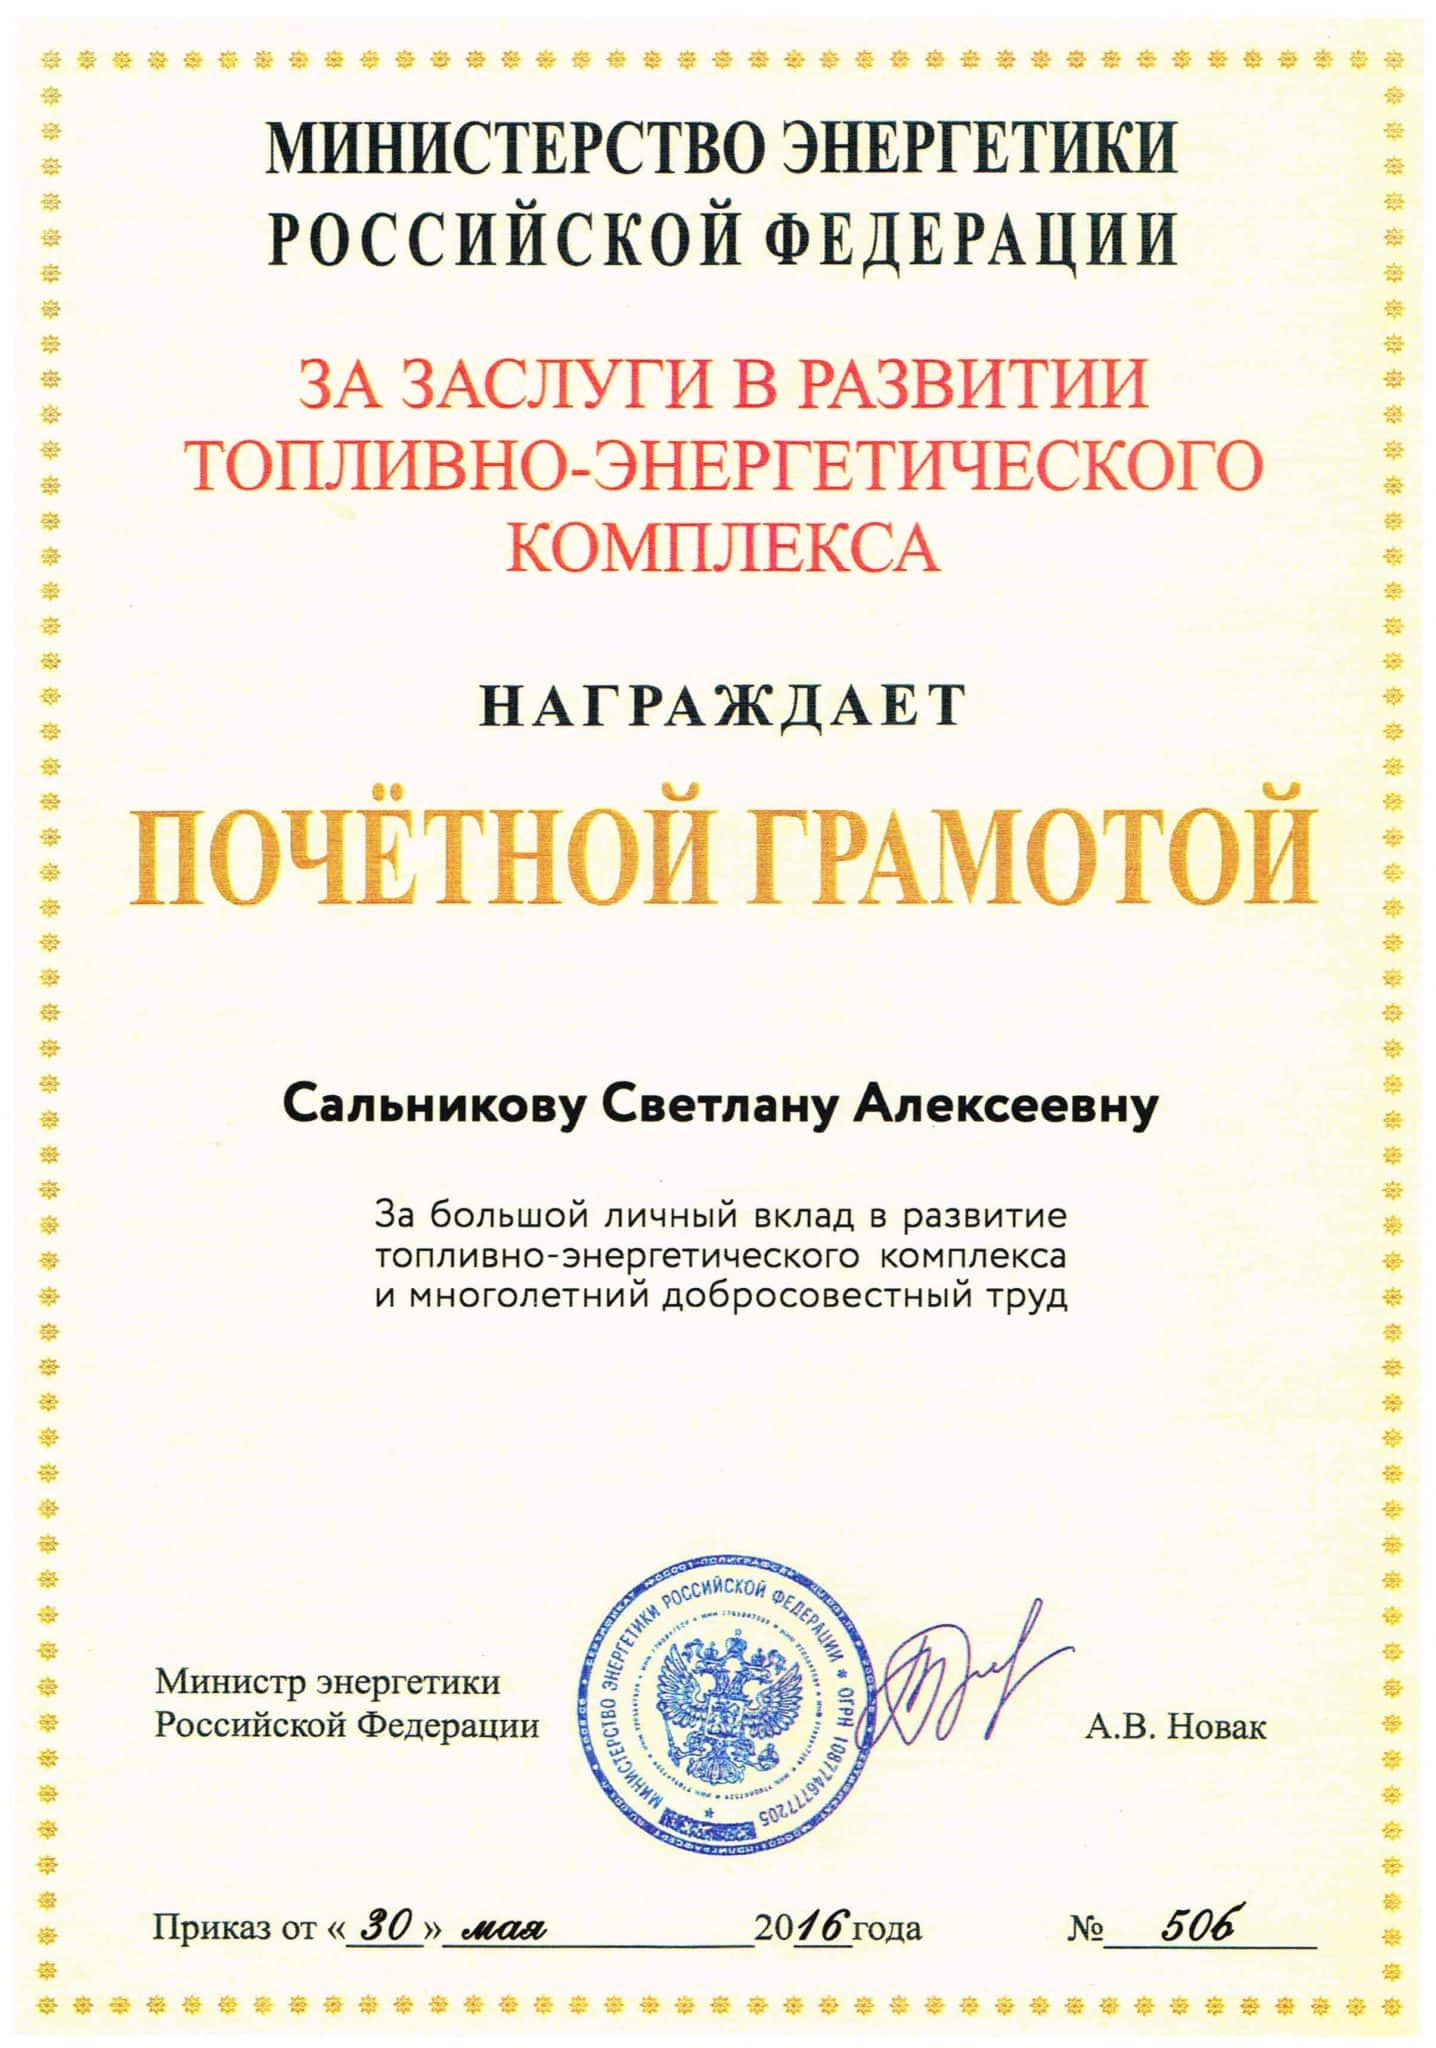 Почетная грамота министерства энергетики